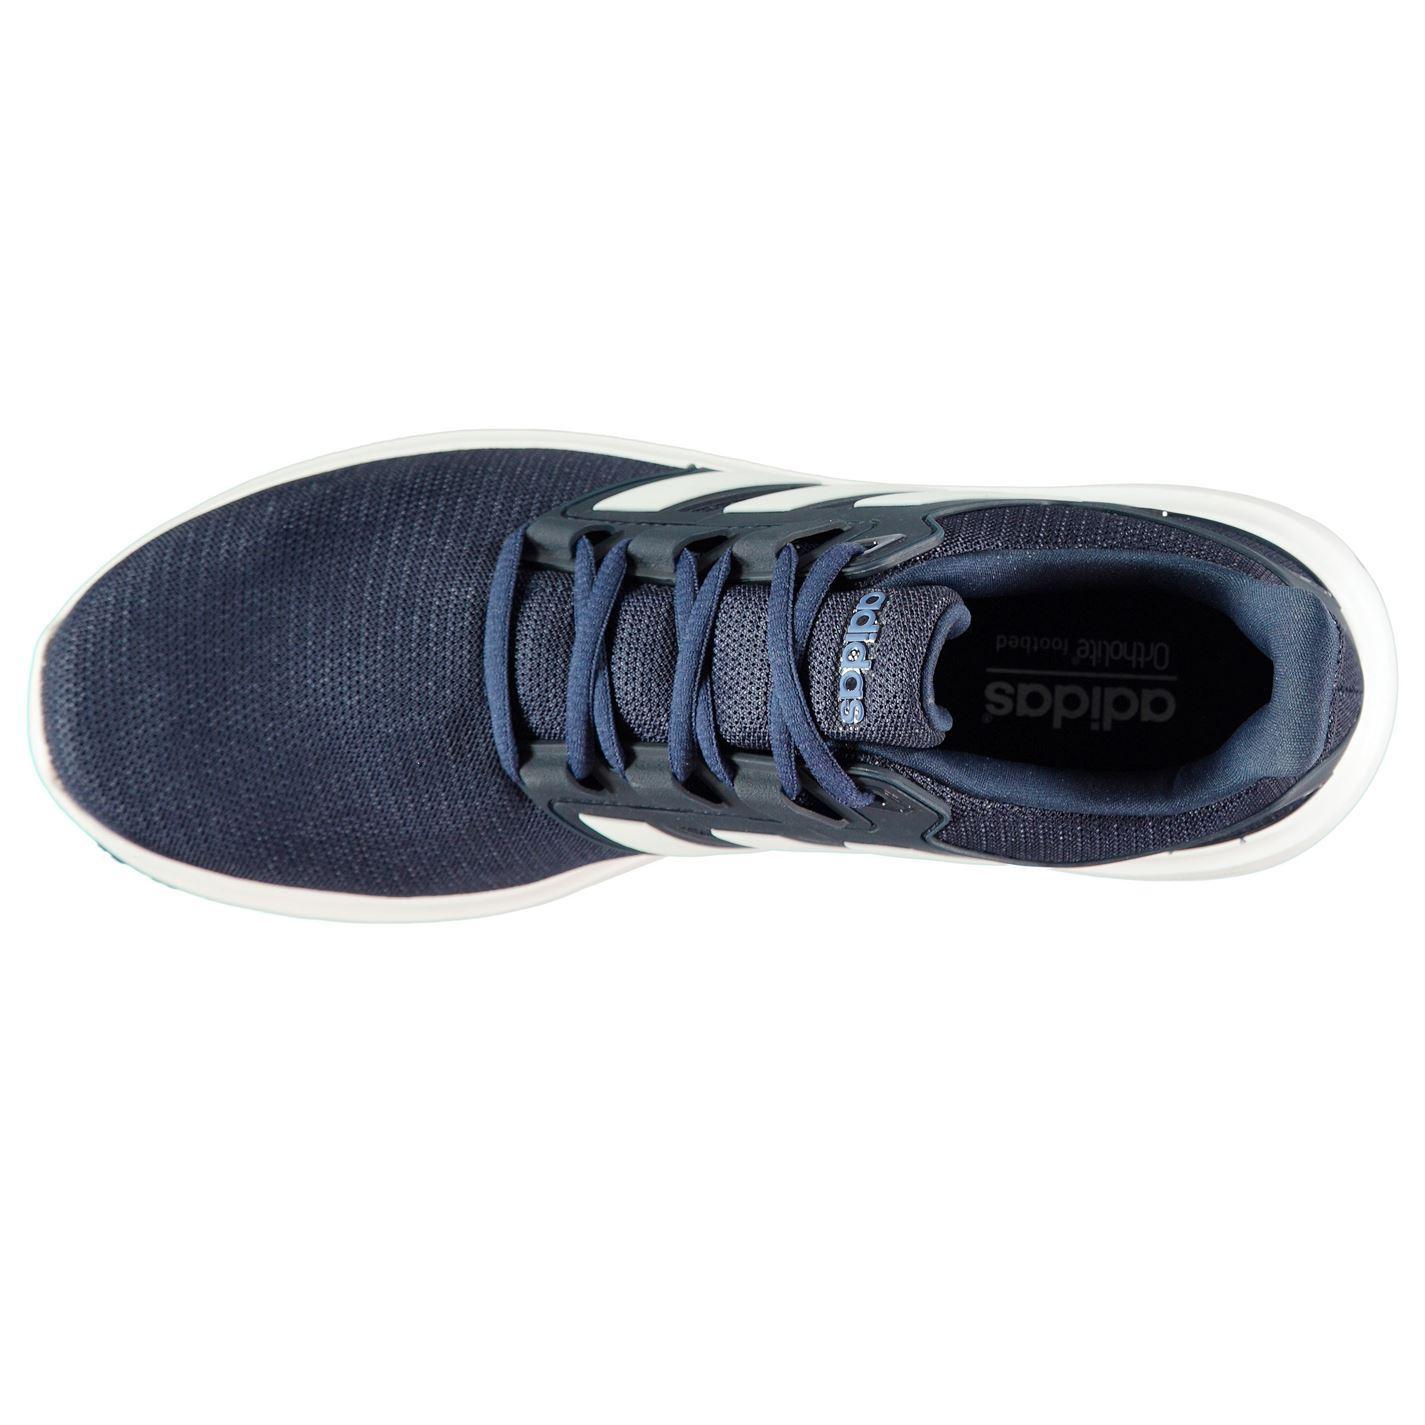 buy online a0048 41dba ... Adidas energía nube 2 zapatillas hombres azul marino blanco Fitness  Trainers zapatillas